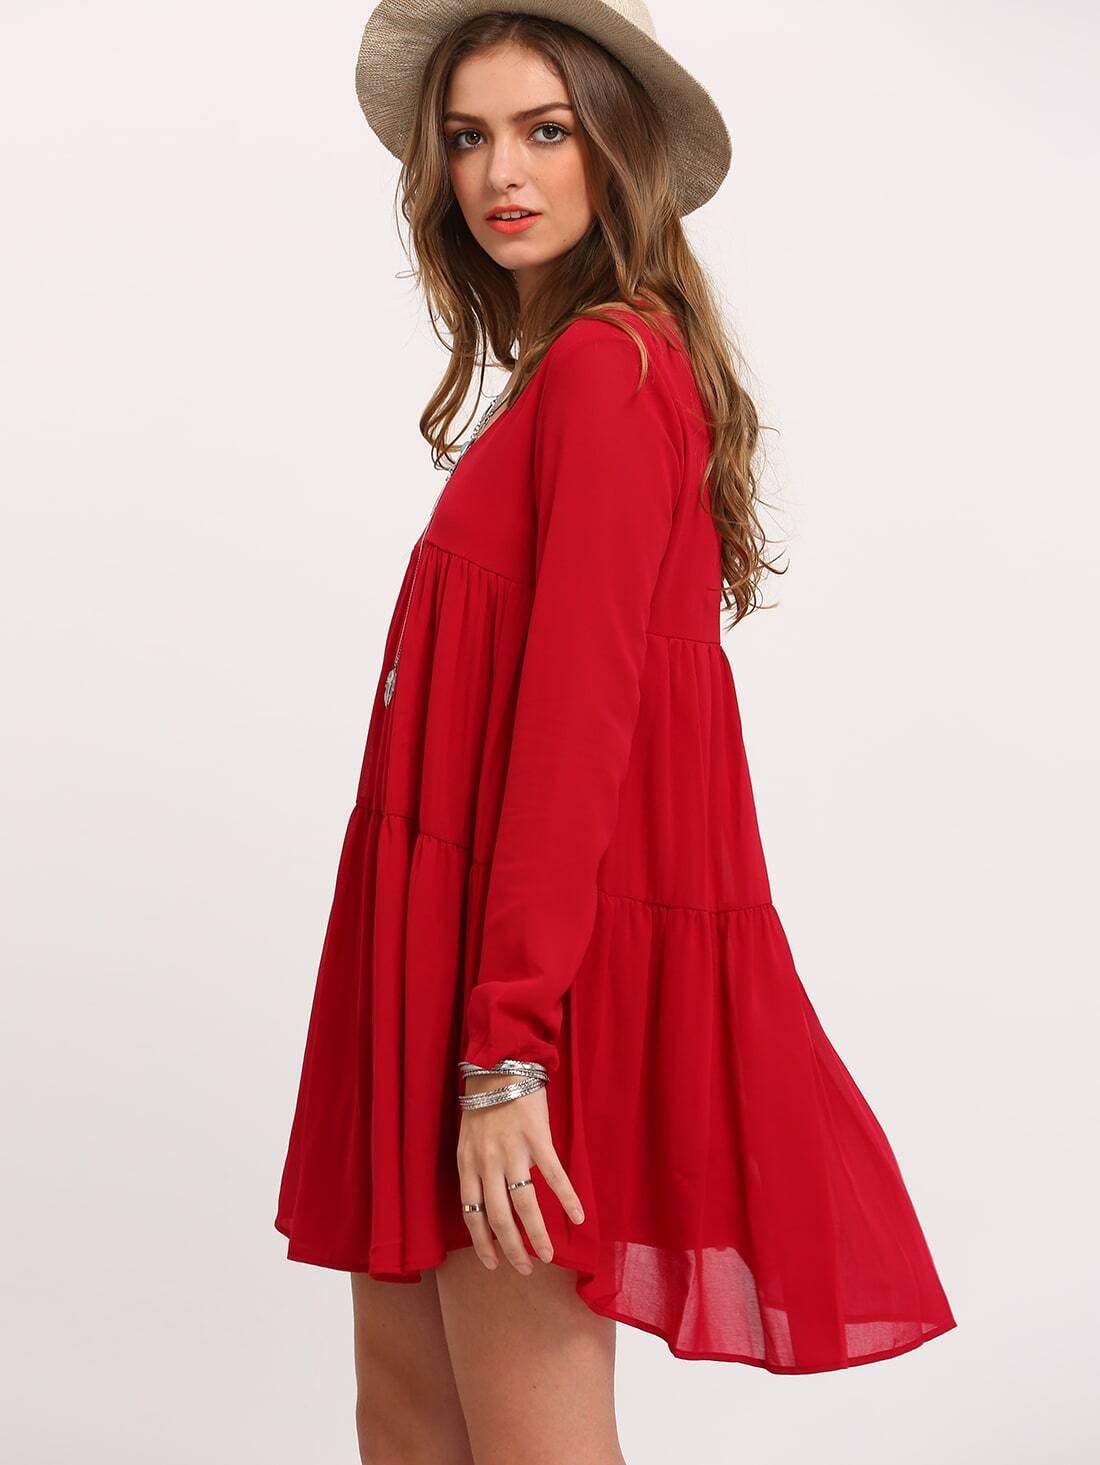 Plissiertes Kleid Langarm Mit Vausschnitt  Rot  Shein